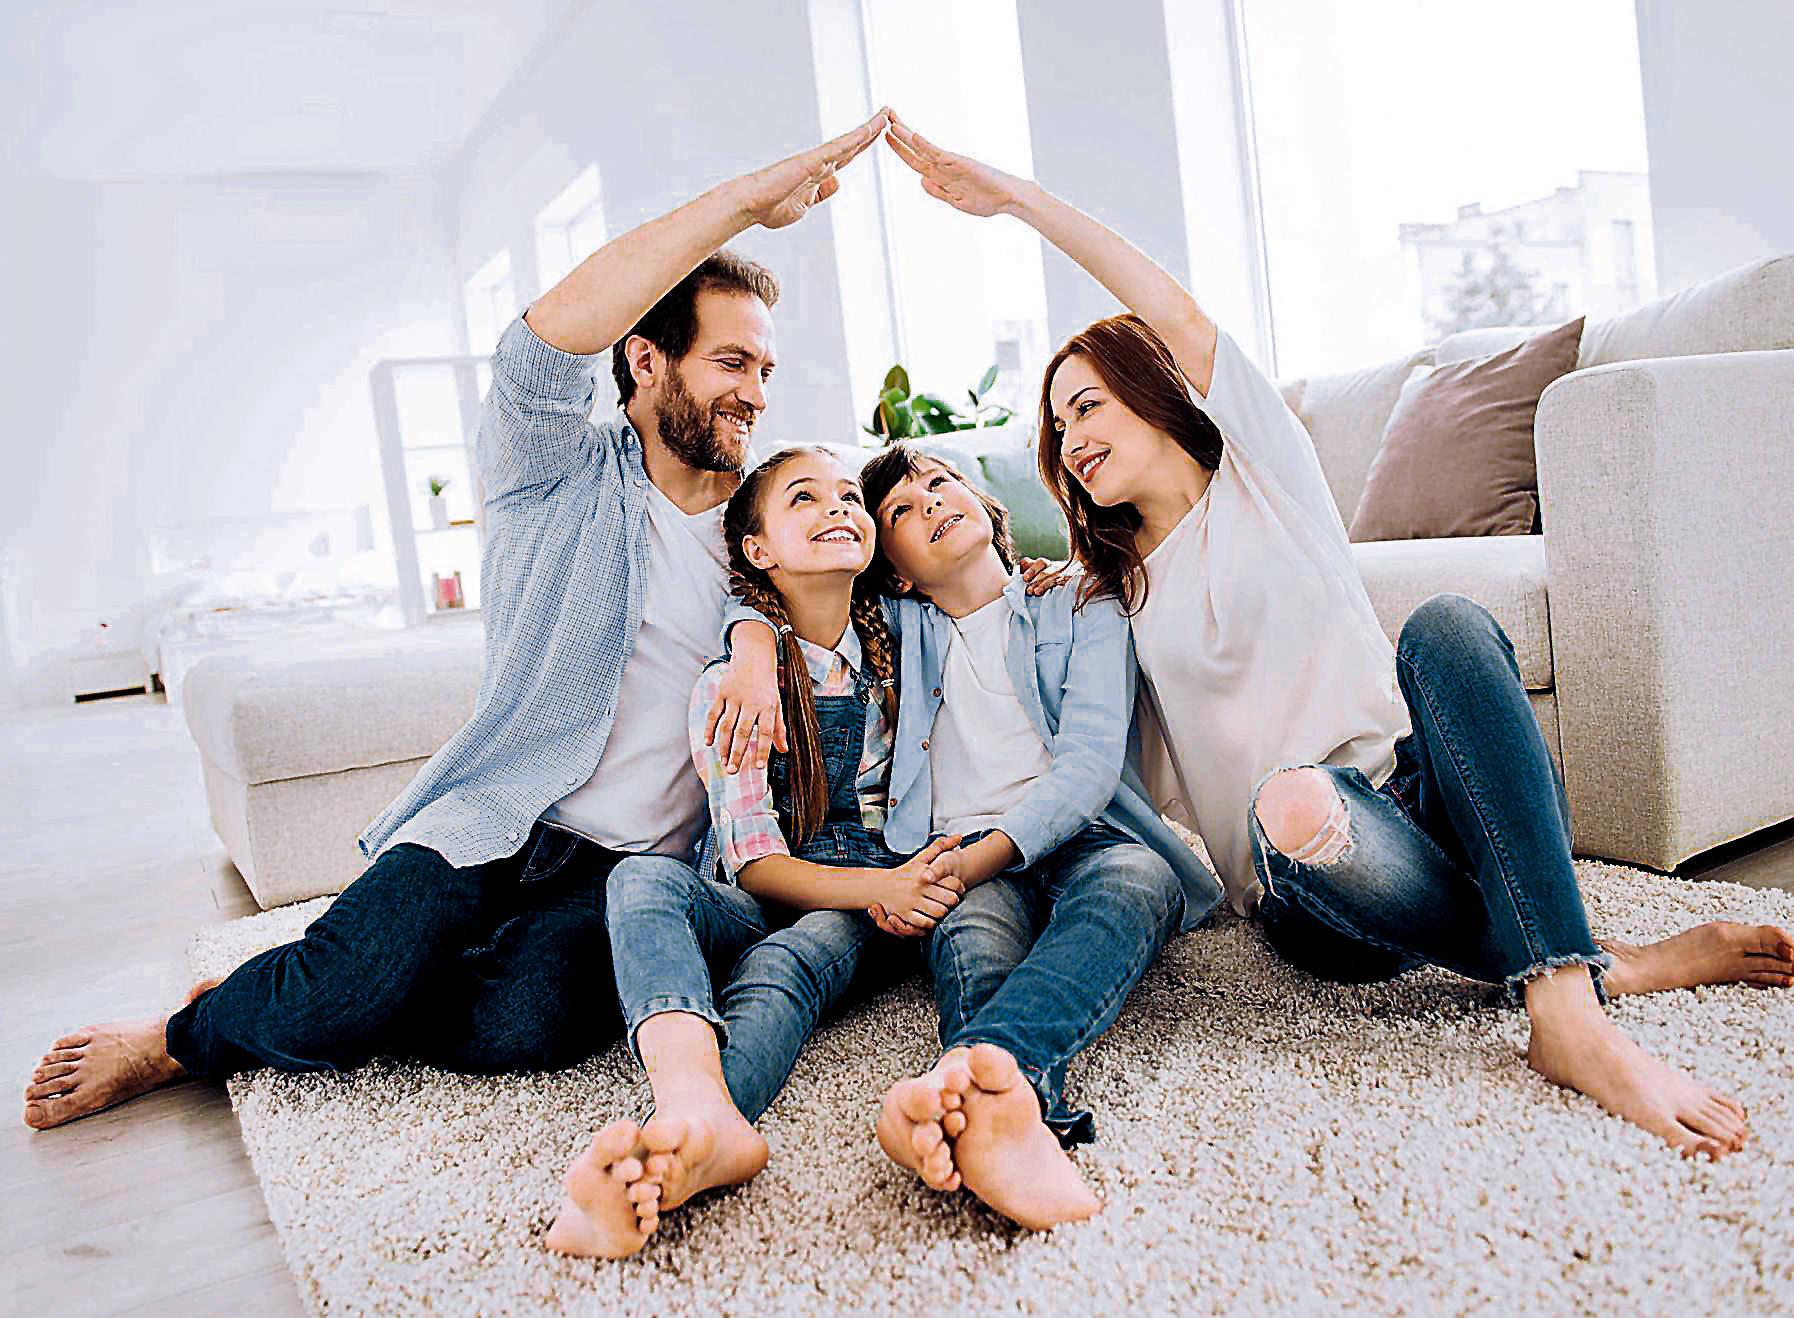 Familia tradicional: ¿Por qué no aceptar otros modelos ...